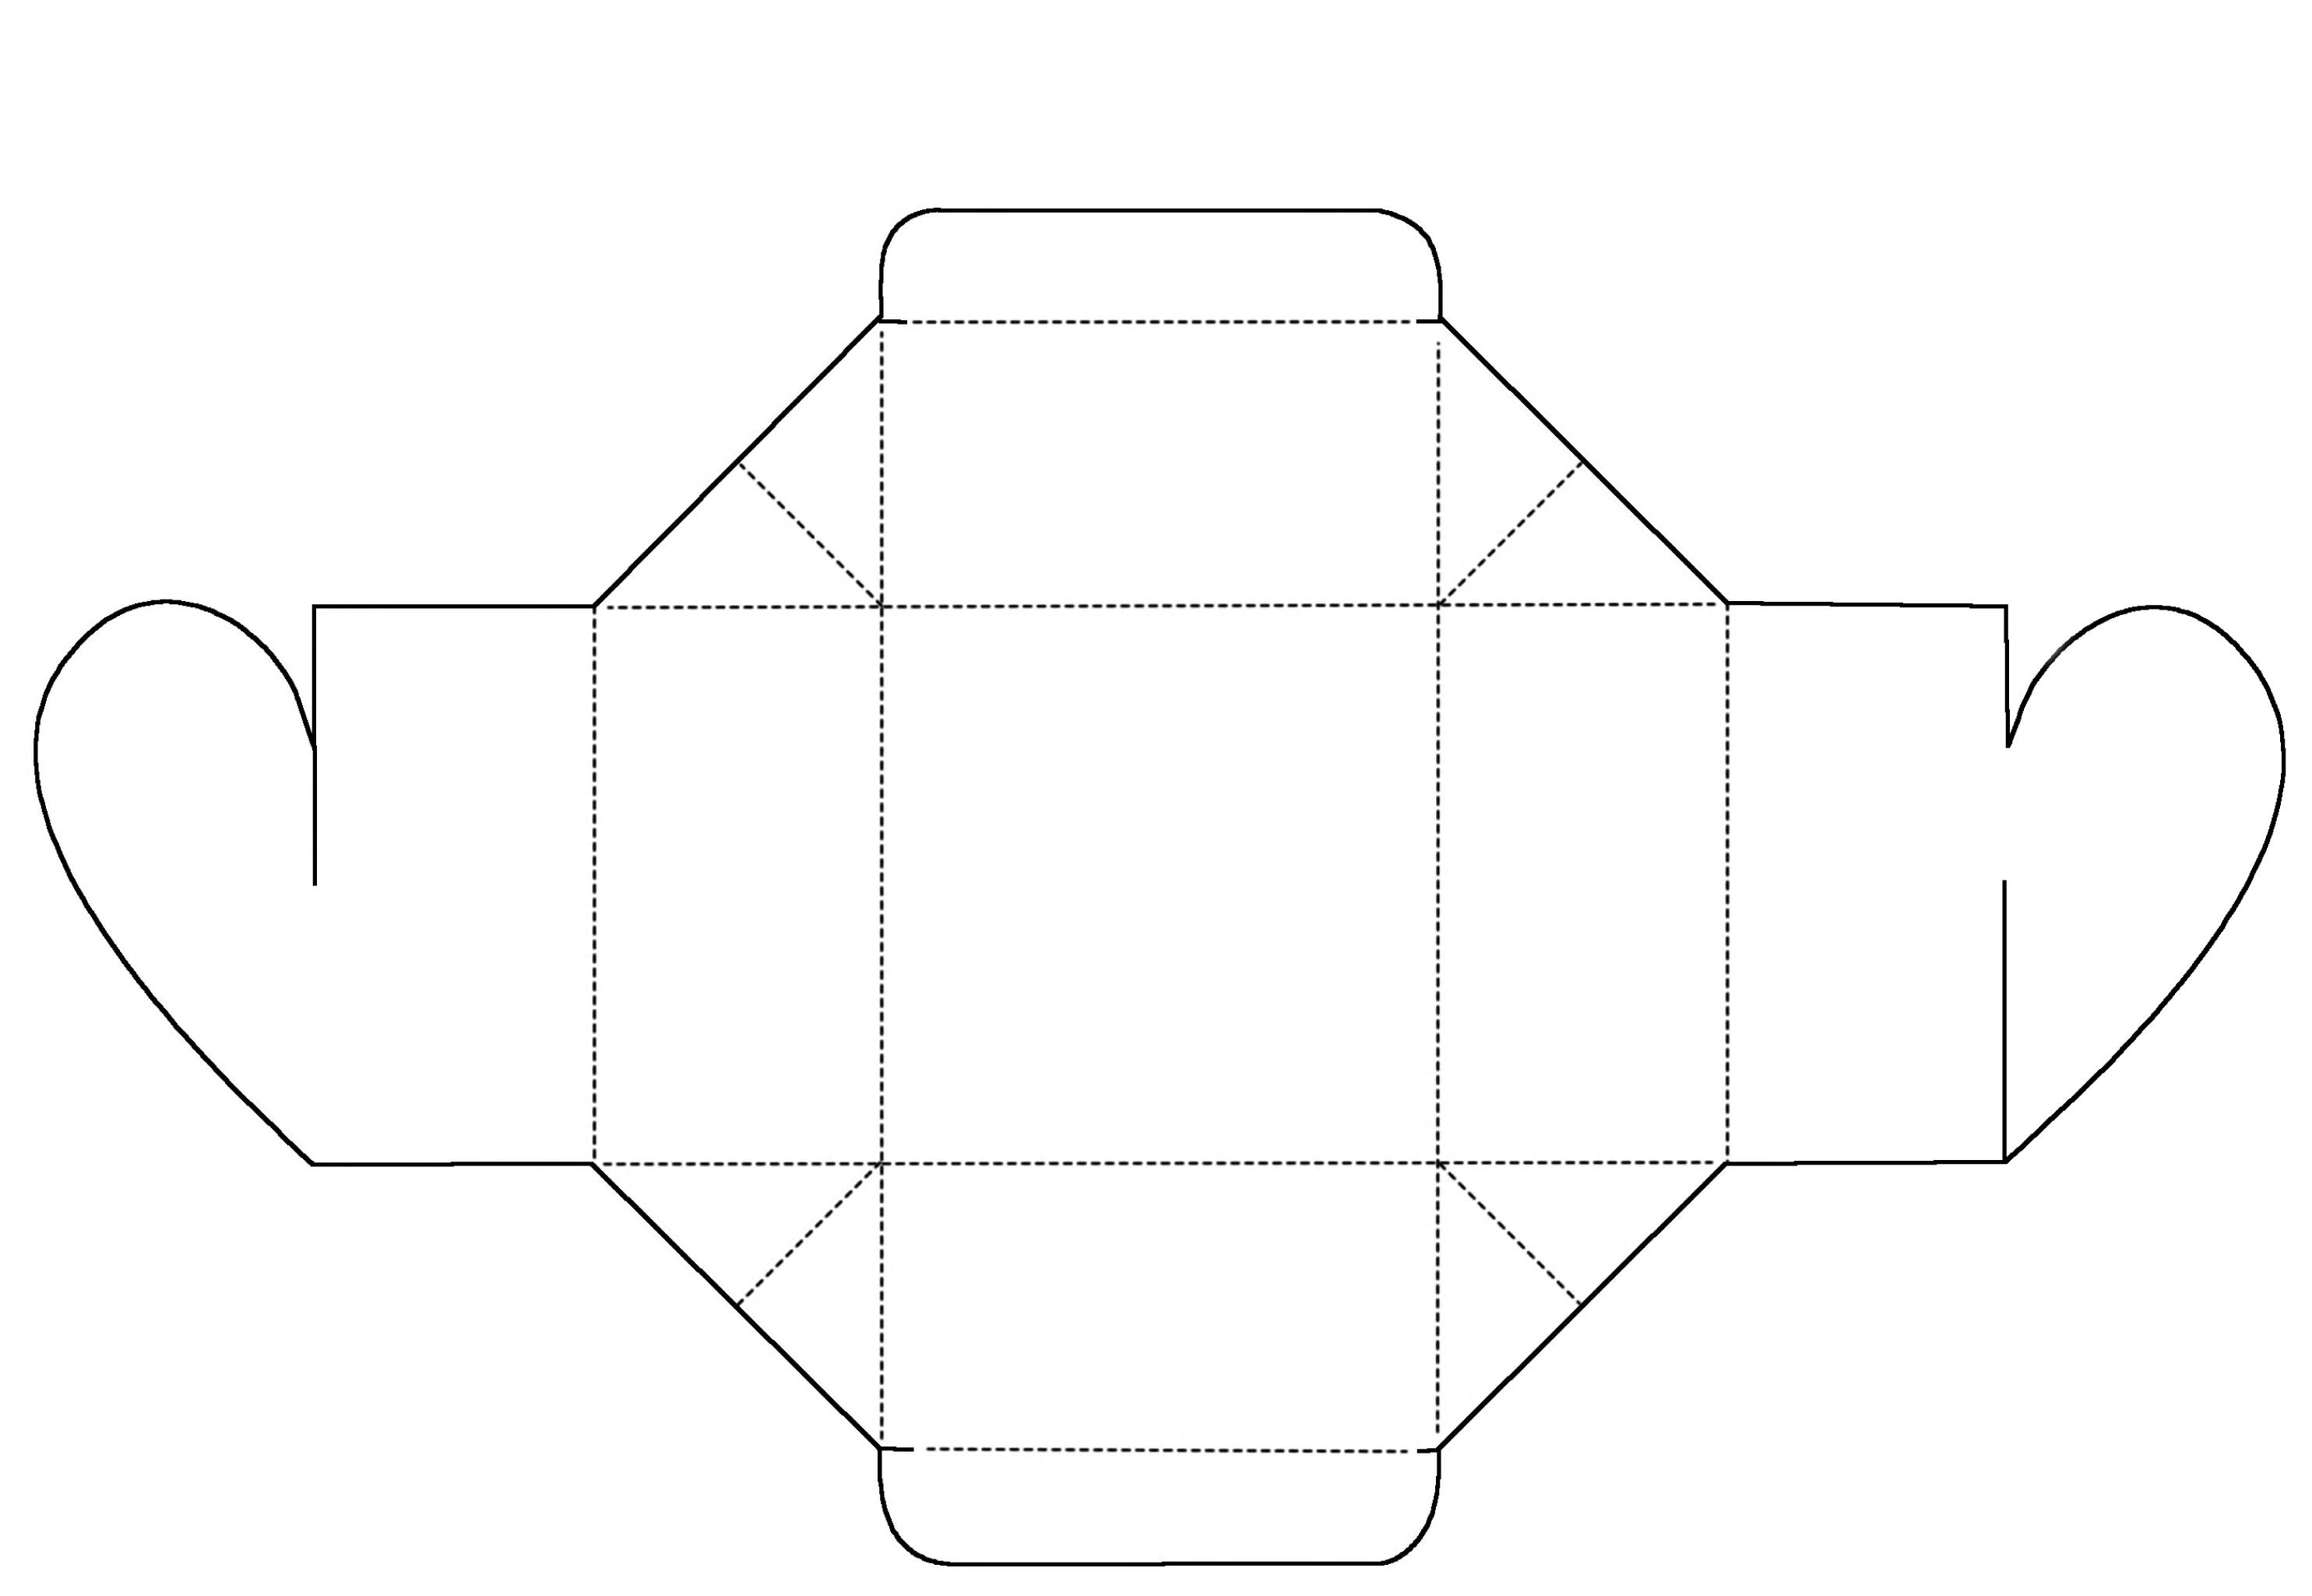 Коробочка для подарков своими руками из бумаги или картона: шаблоны и схемы 90